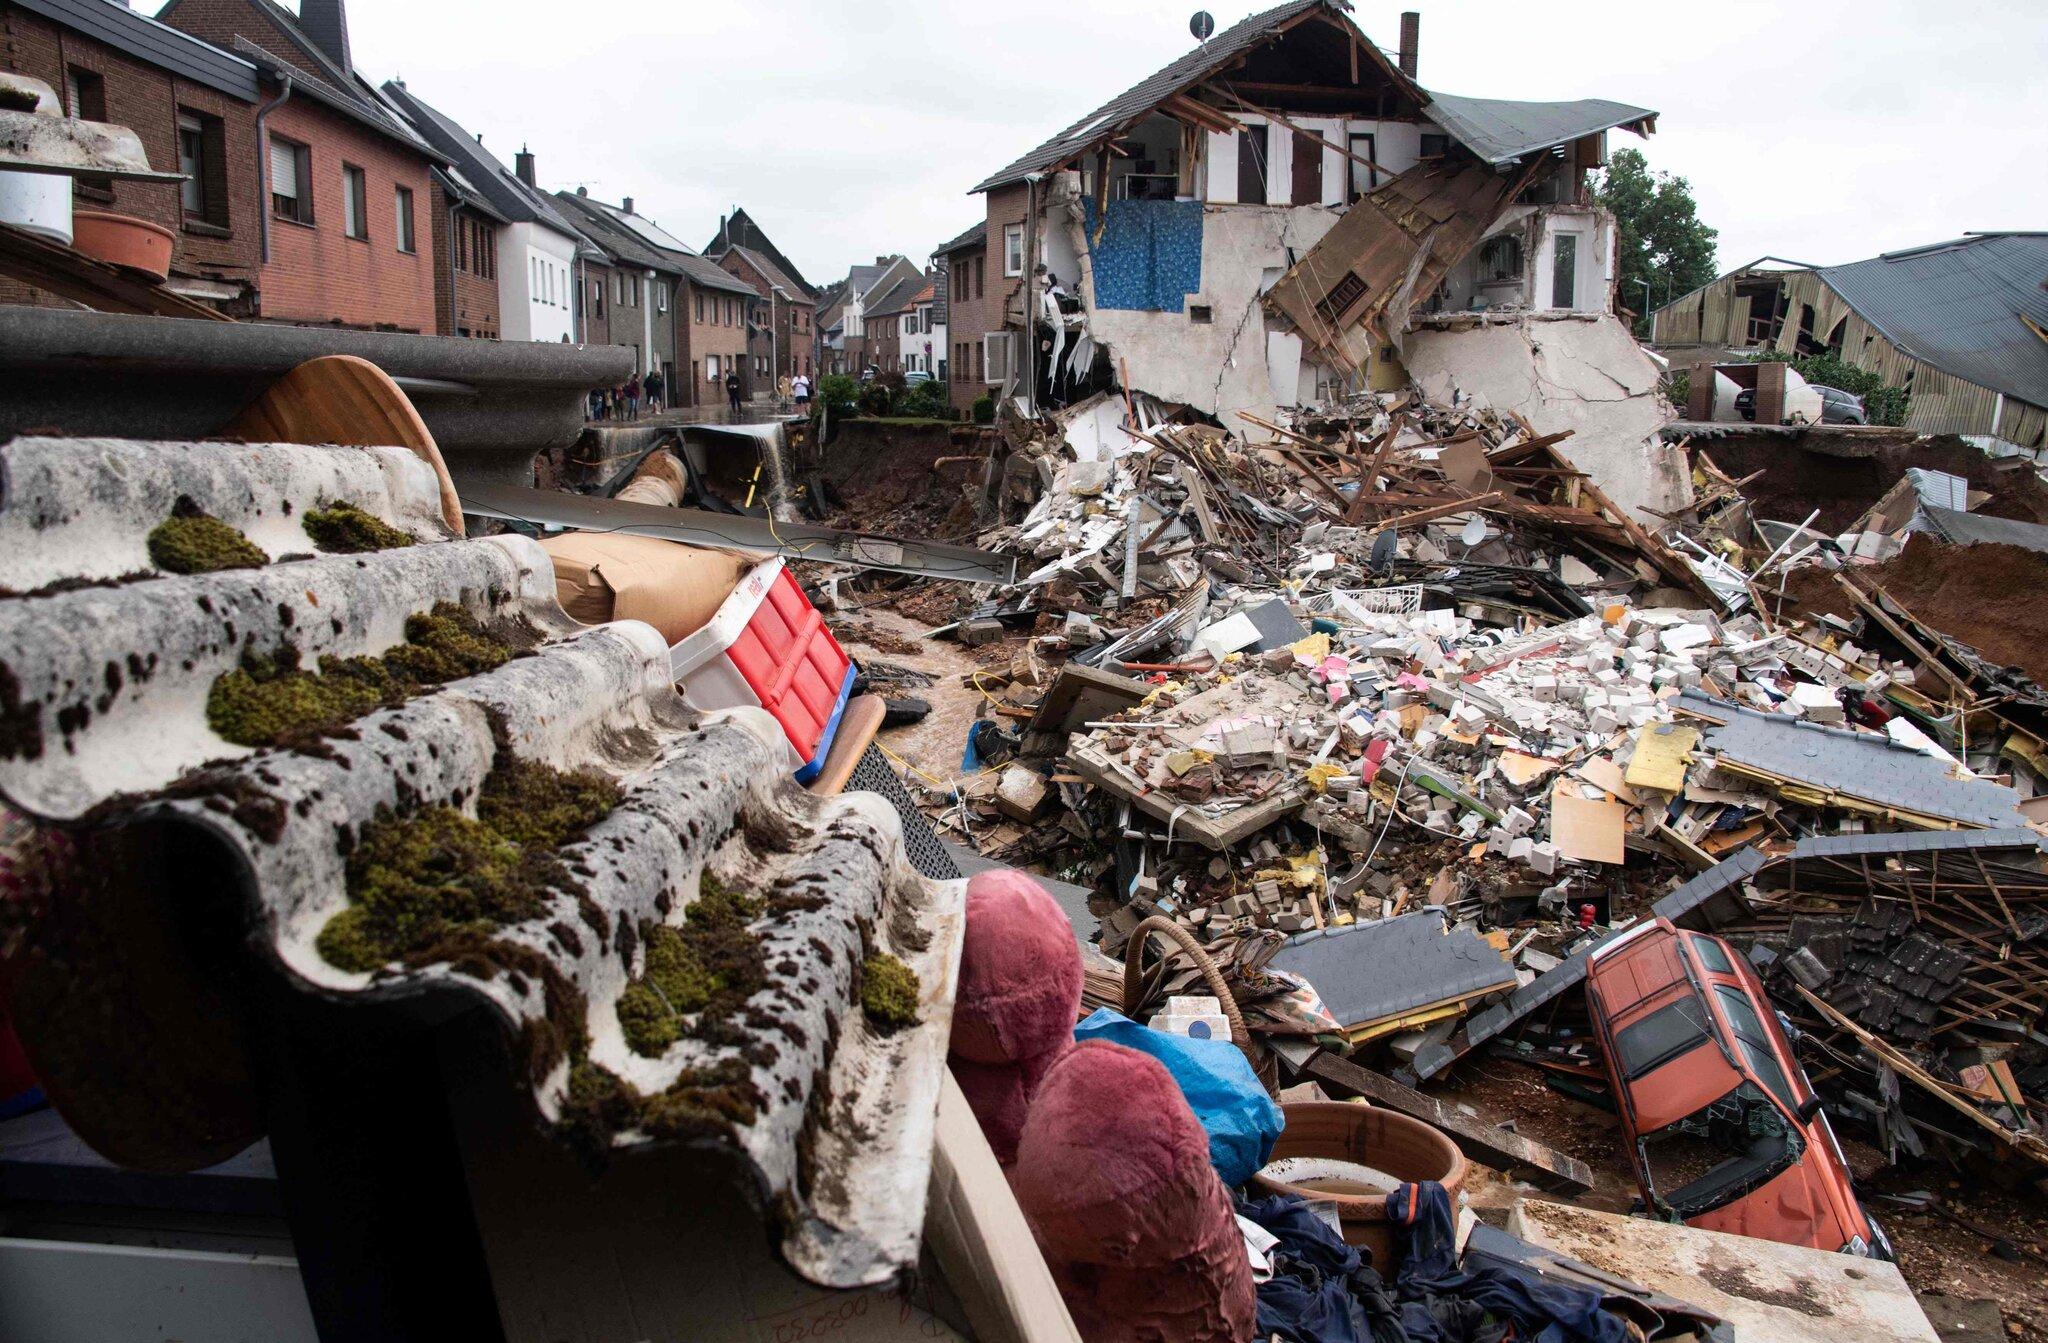 سیل اروپا؛ 120 کشته و هزاران بی خانمان(عکس)/ تلاش برای امداد و نجات ادامه دارد